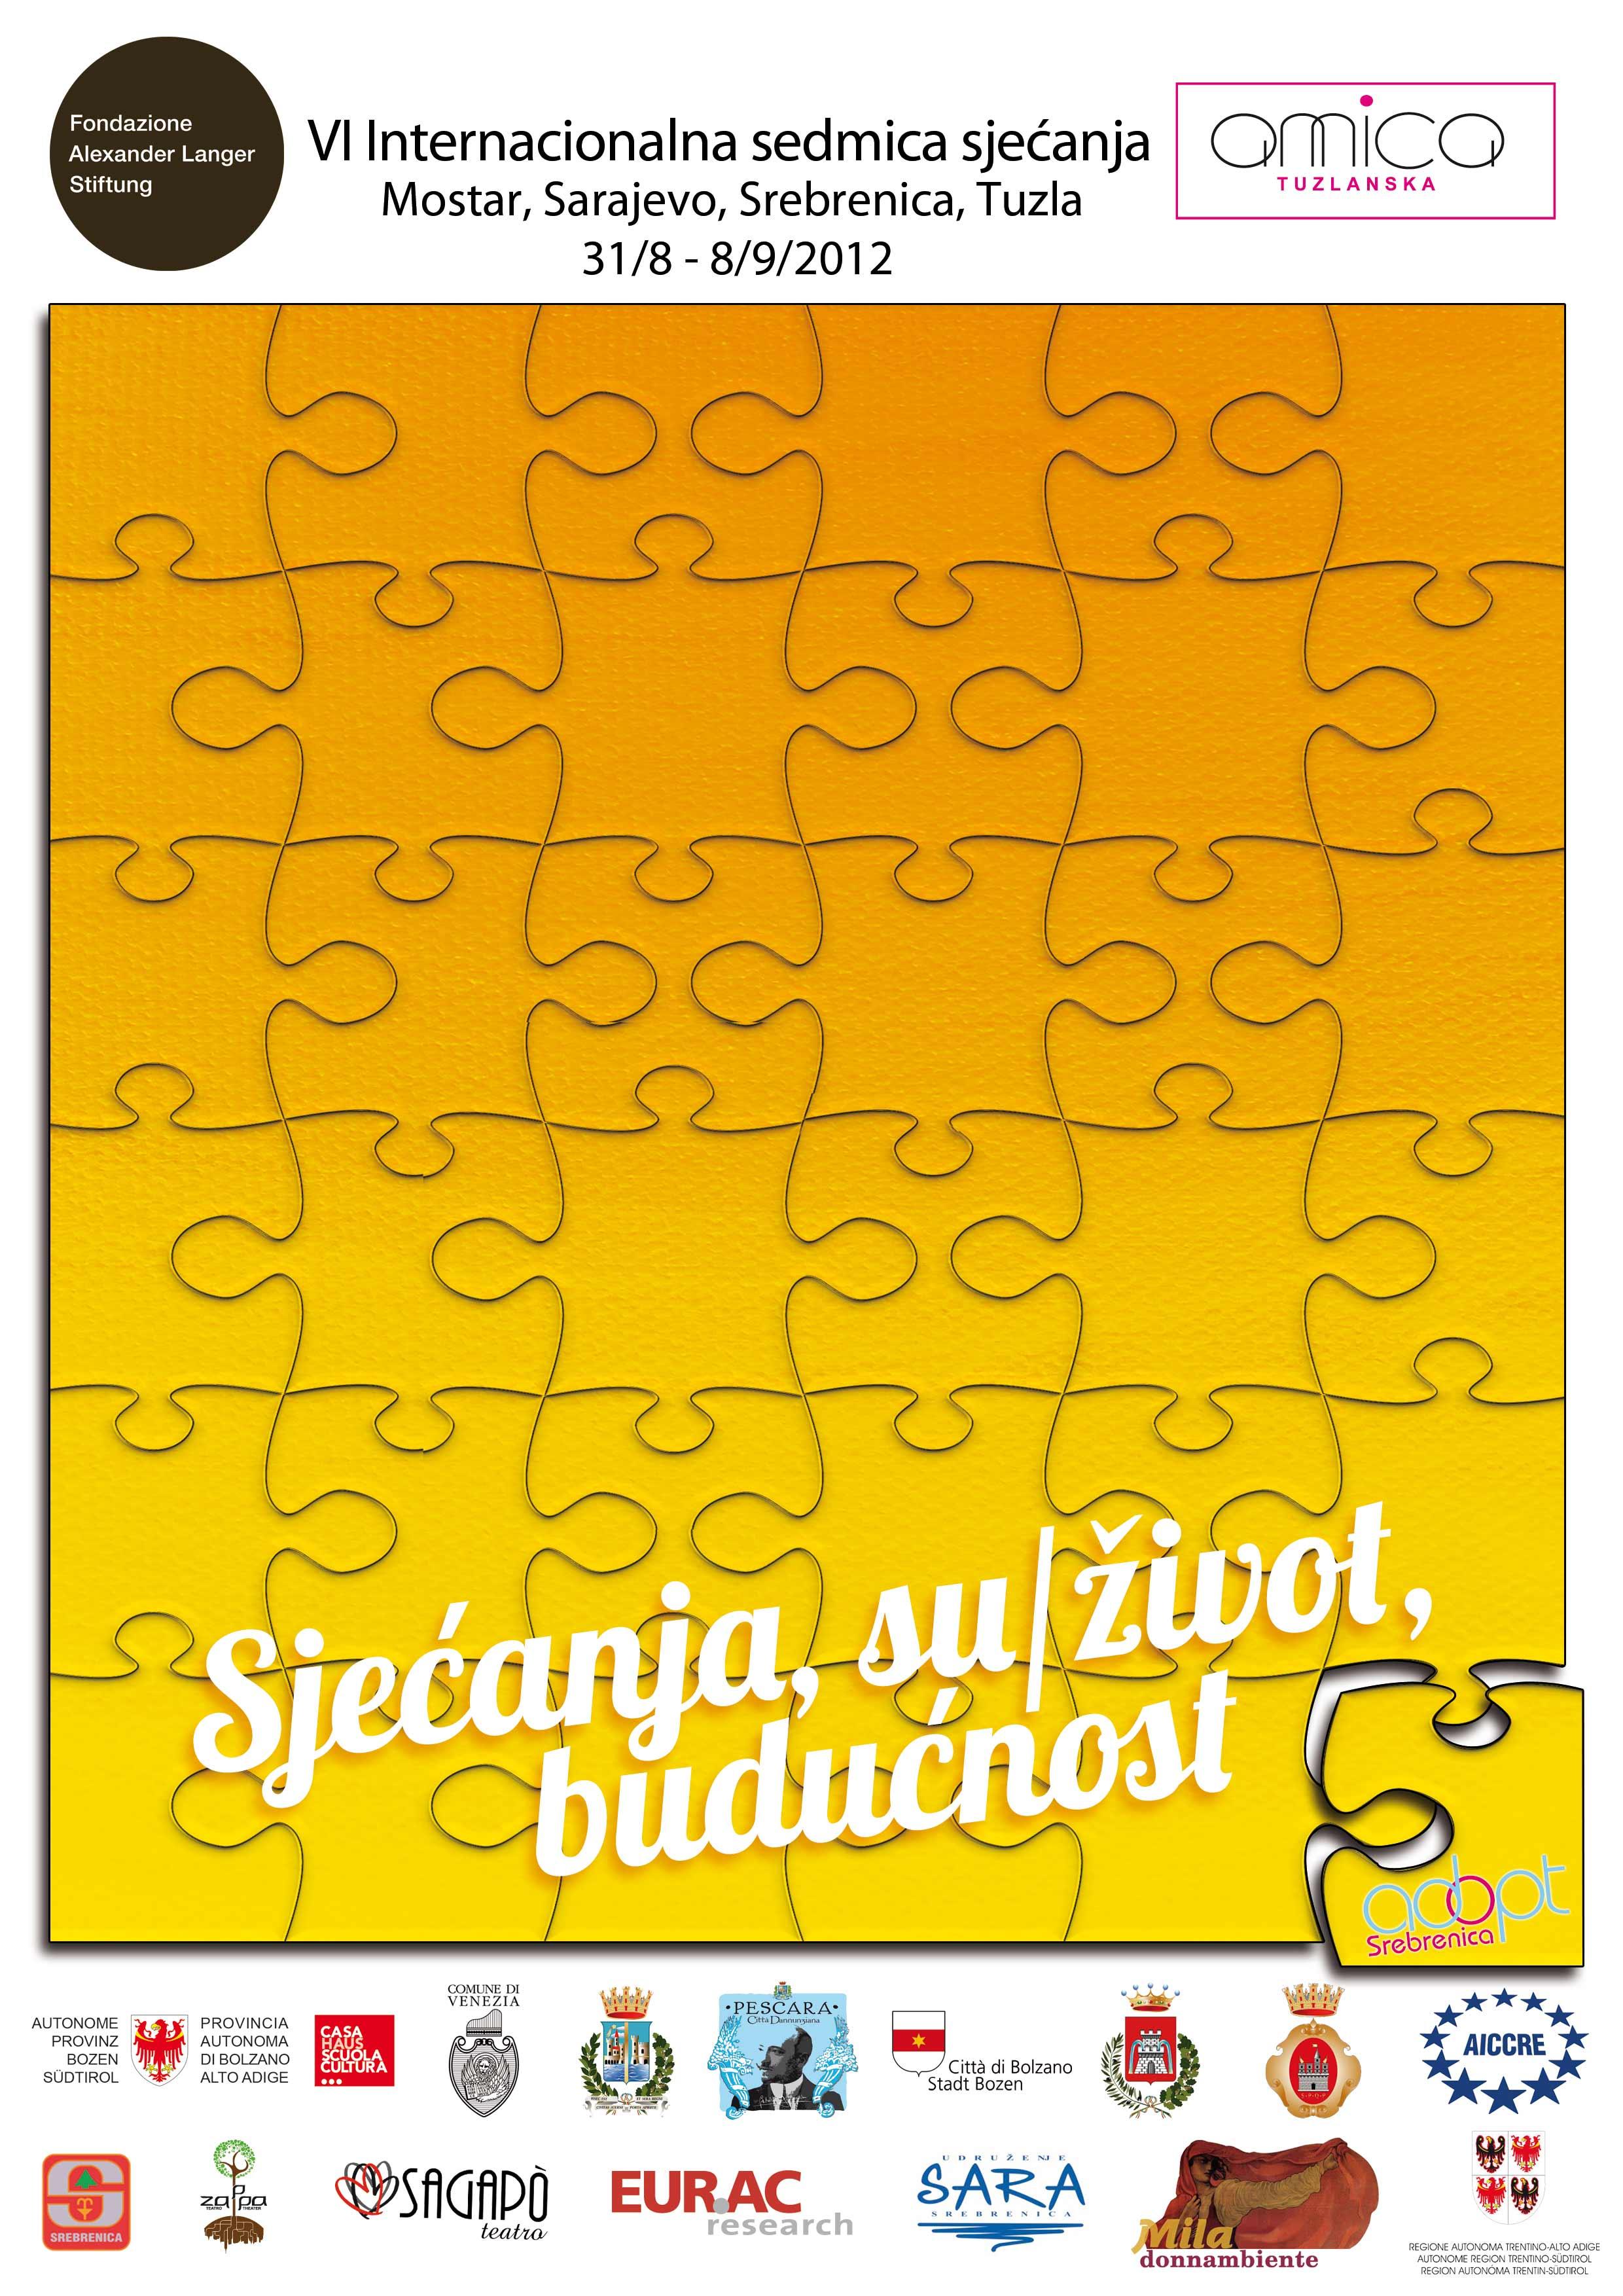 Međunarodna sedmica sjećanja 2012.